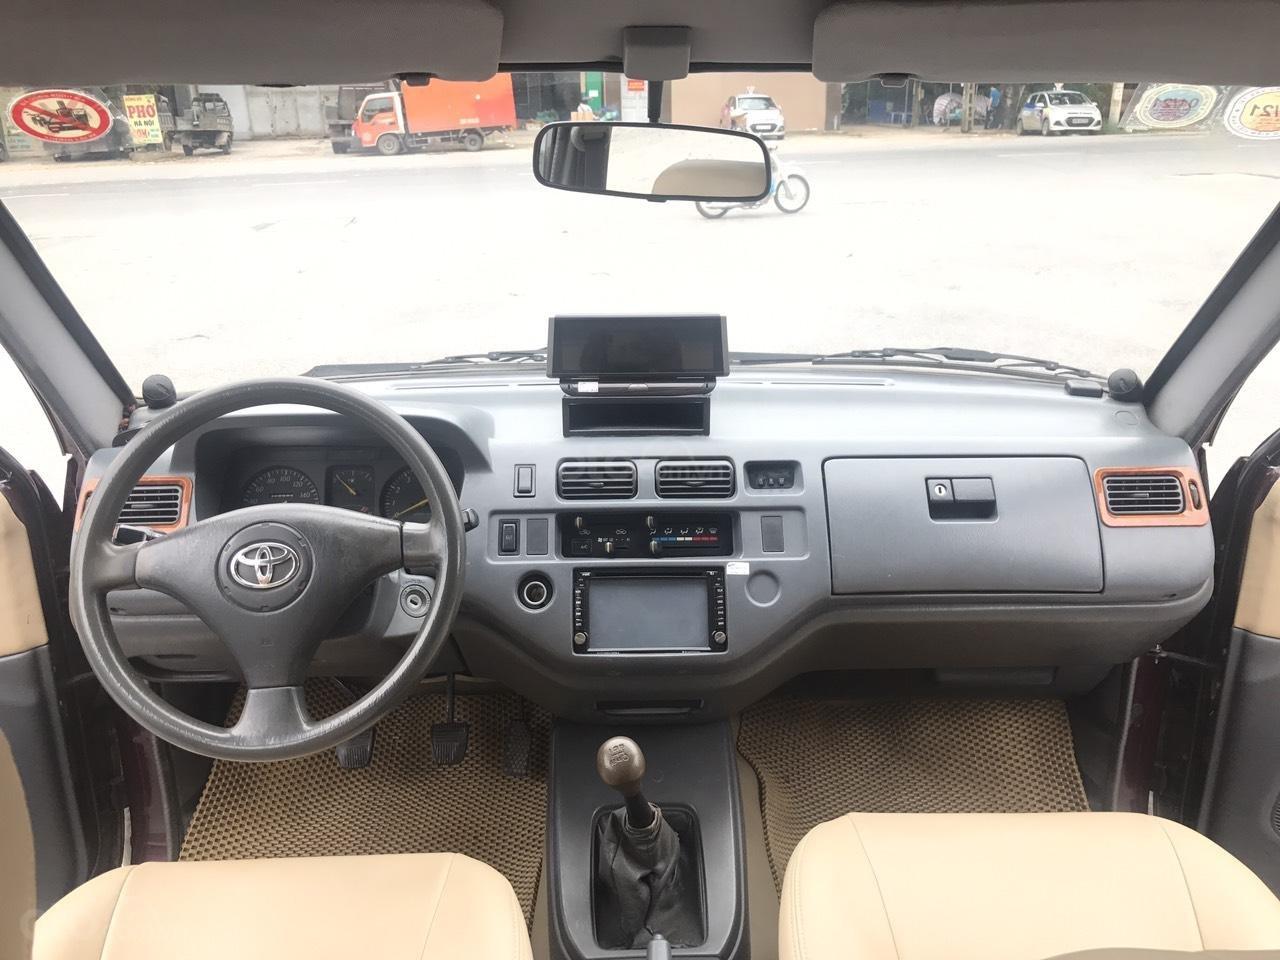 Toyota Zace GL cuối 2004, màu đỏ, chính 1 chủ biển 4 số sử dụng từ mới, nói không với lỗi nhỏ, mới nhất Việt Nam (5)